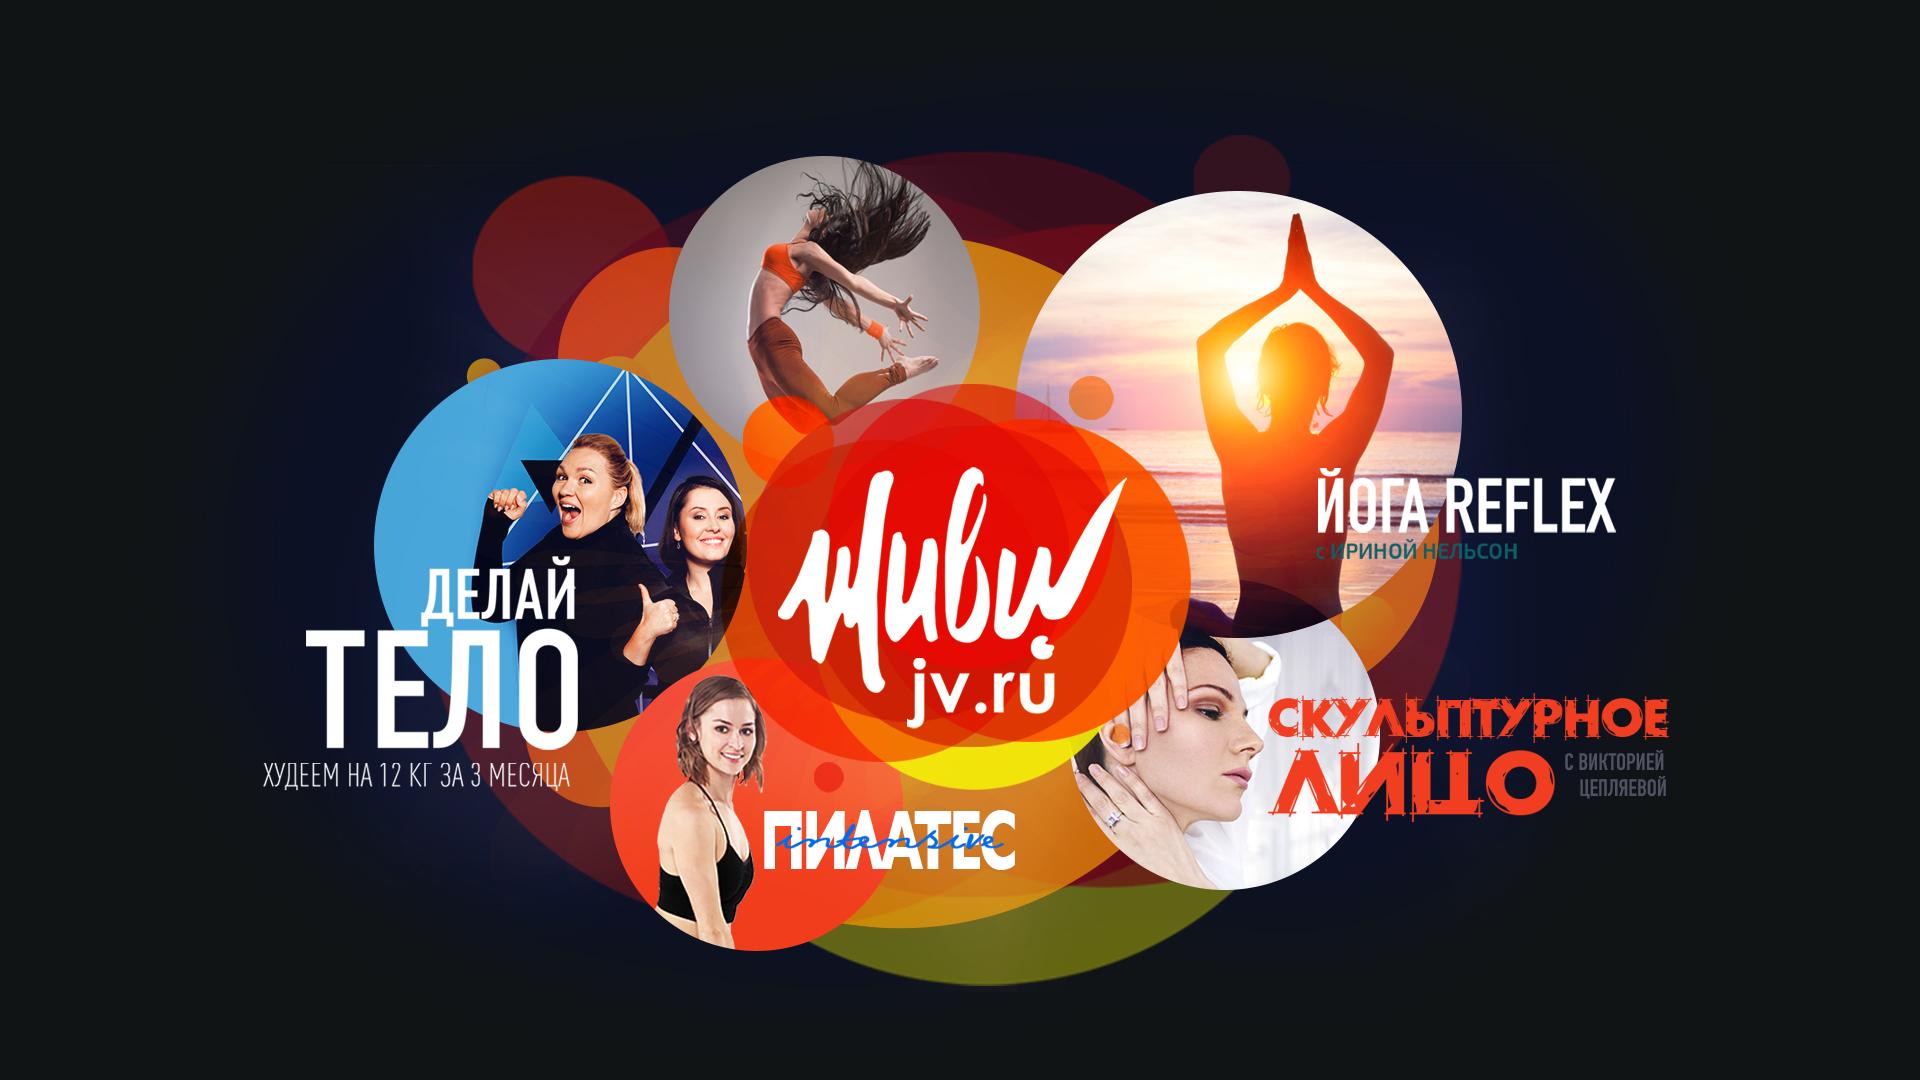 спорт тв на русском каналы